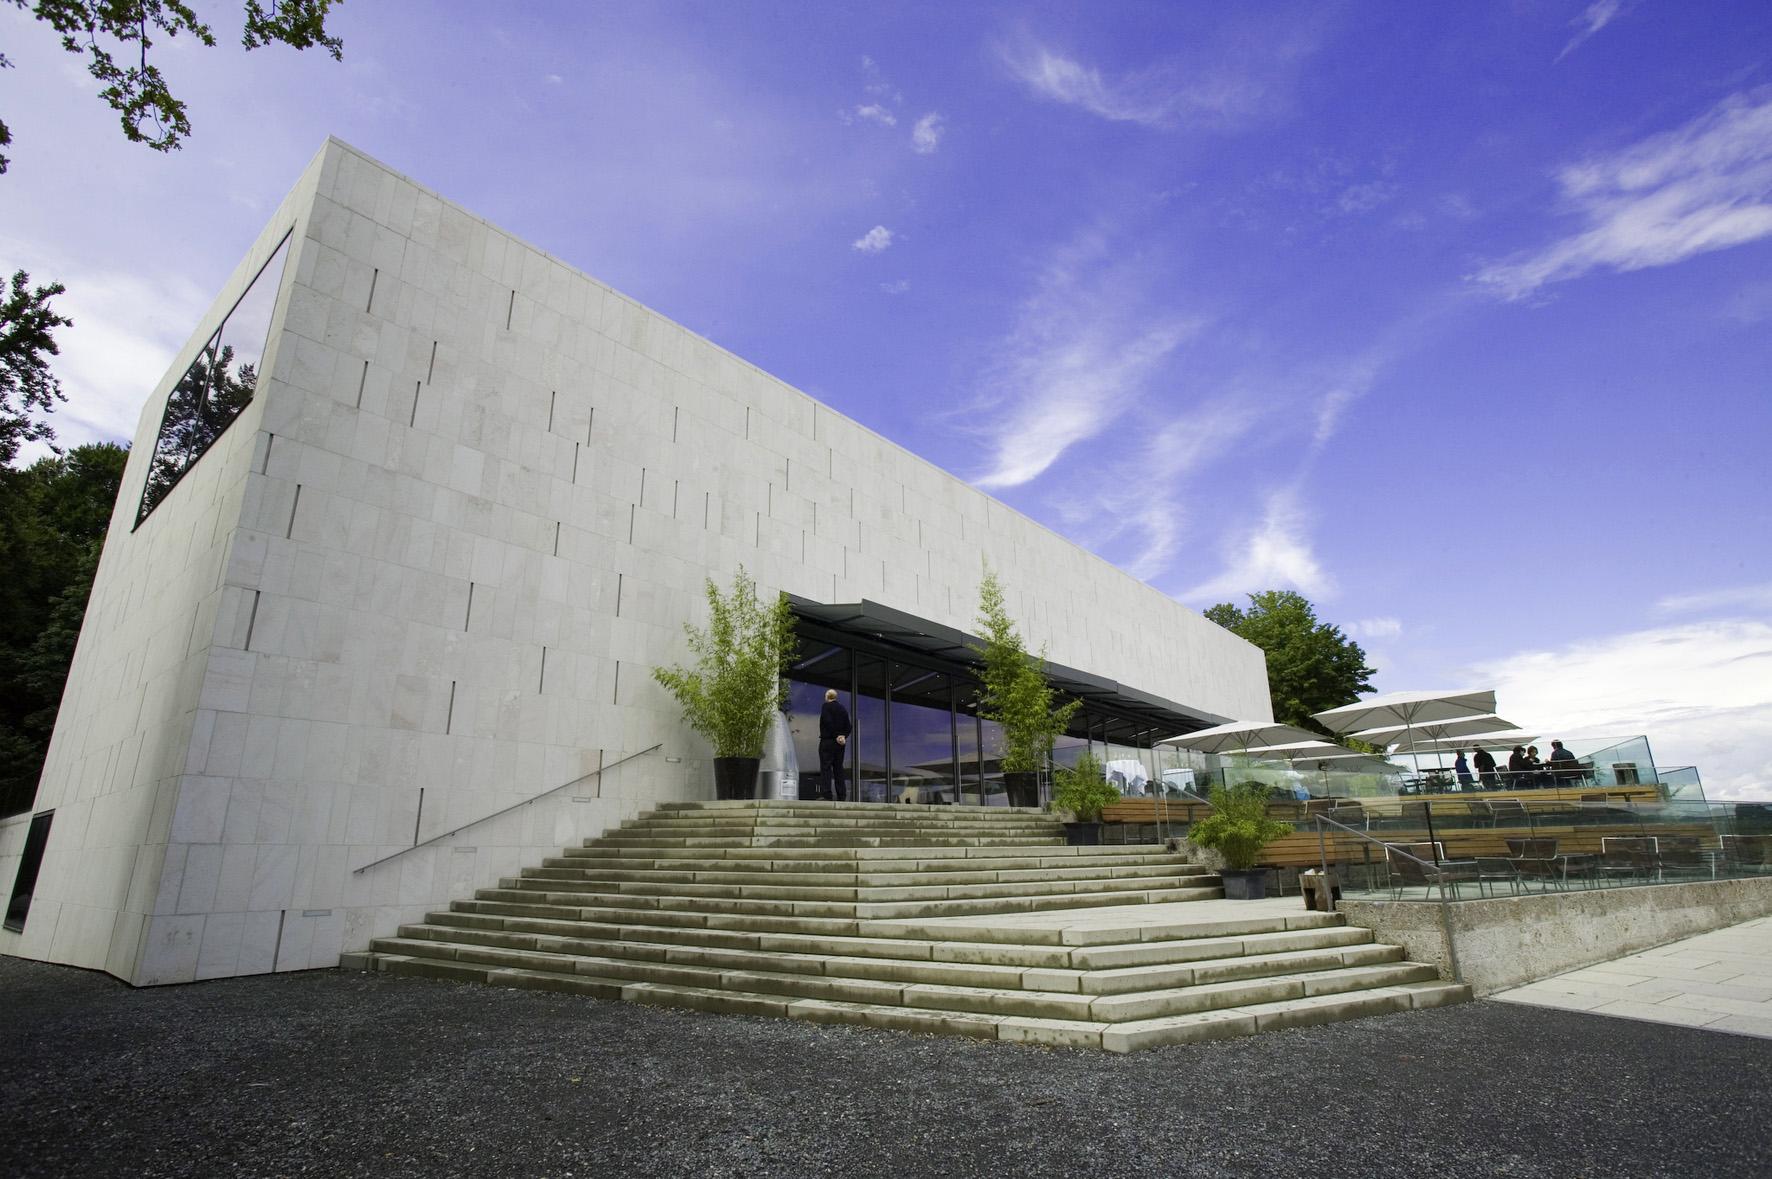 salzburg-the-museum-der-moderne-monchs-secret-world